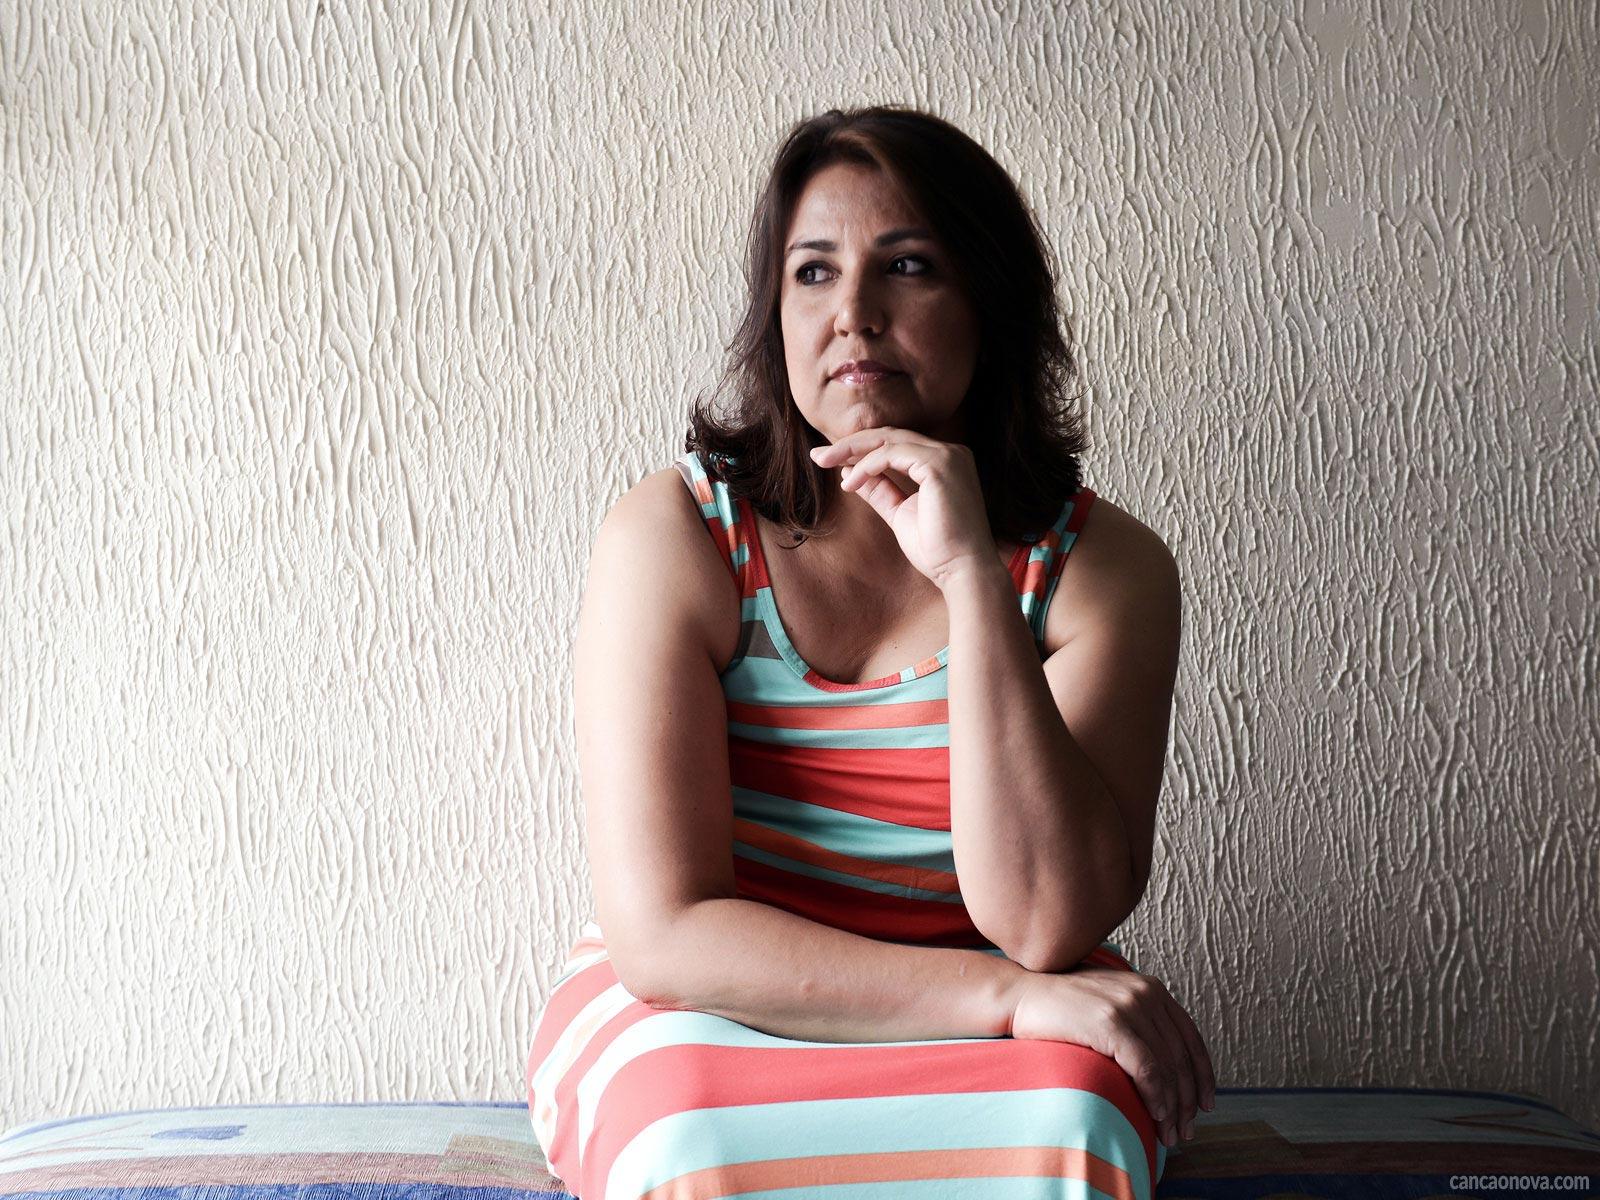 A luta e a superação de quem venceu a batalha contra o câncer de mama